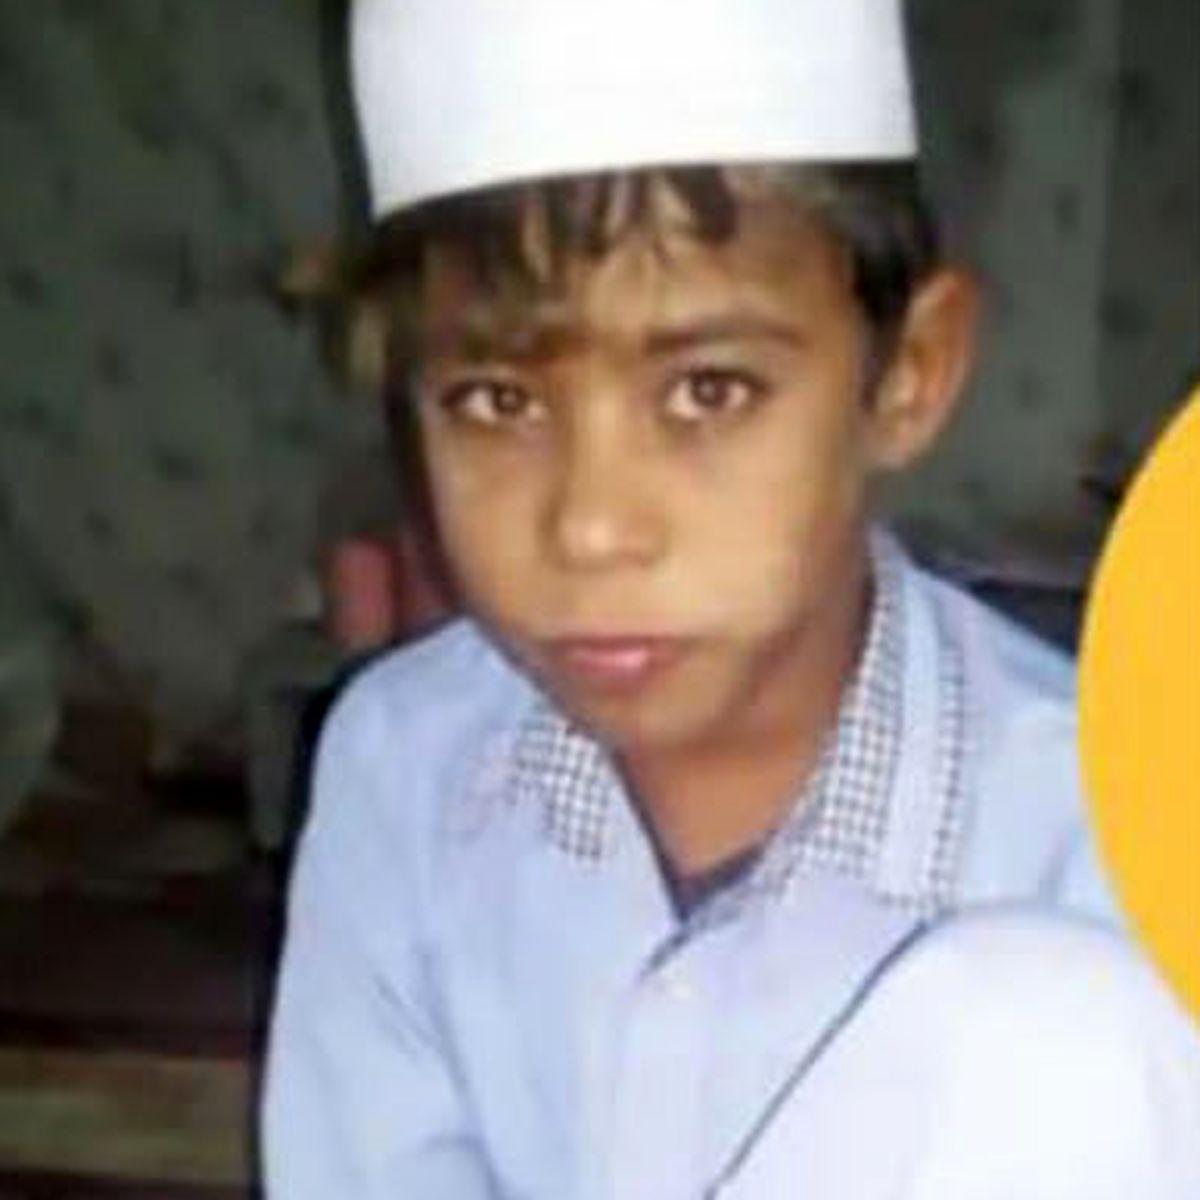 مرگ محمد 13 ساله پشت در بسته درمانگاه!